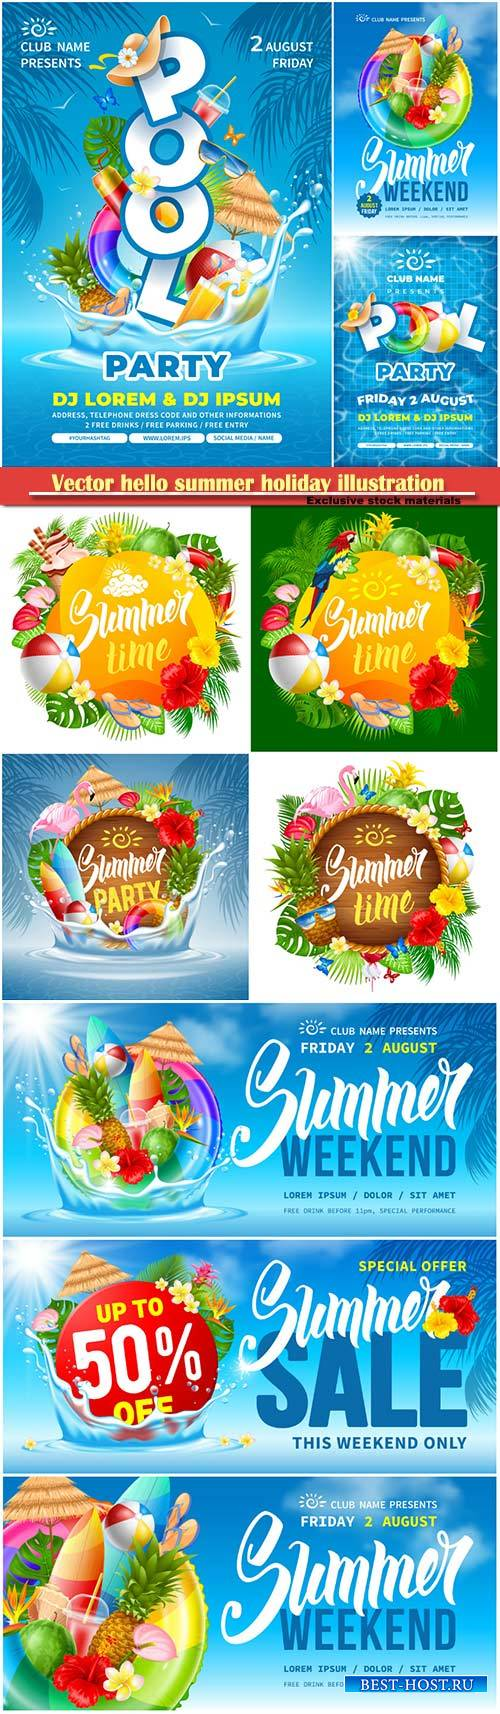 Vector hello summer holiday illustration # 6